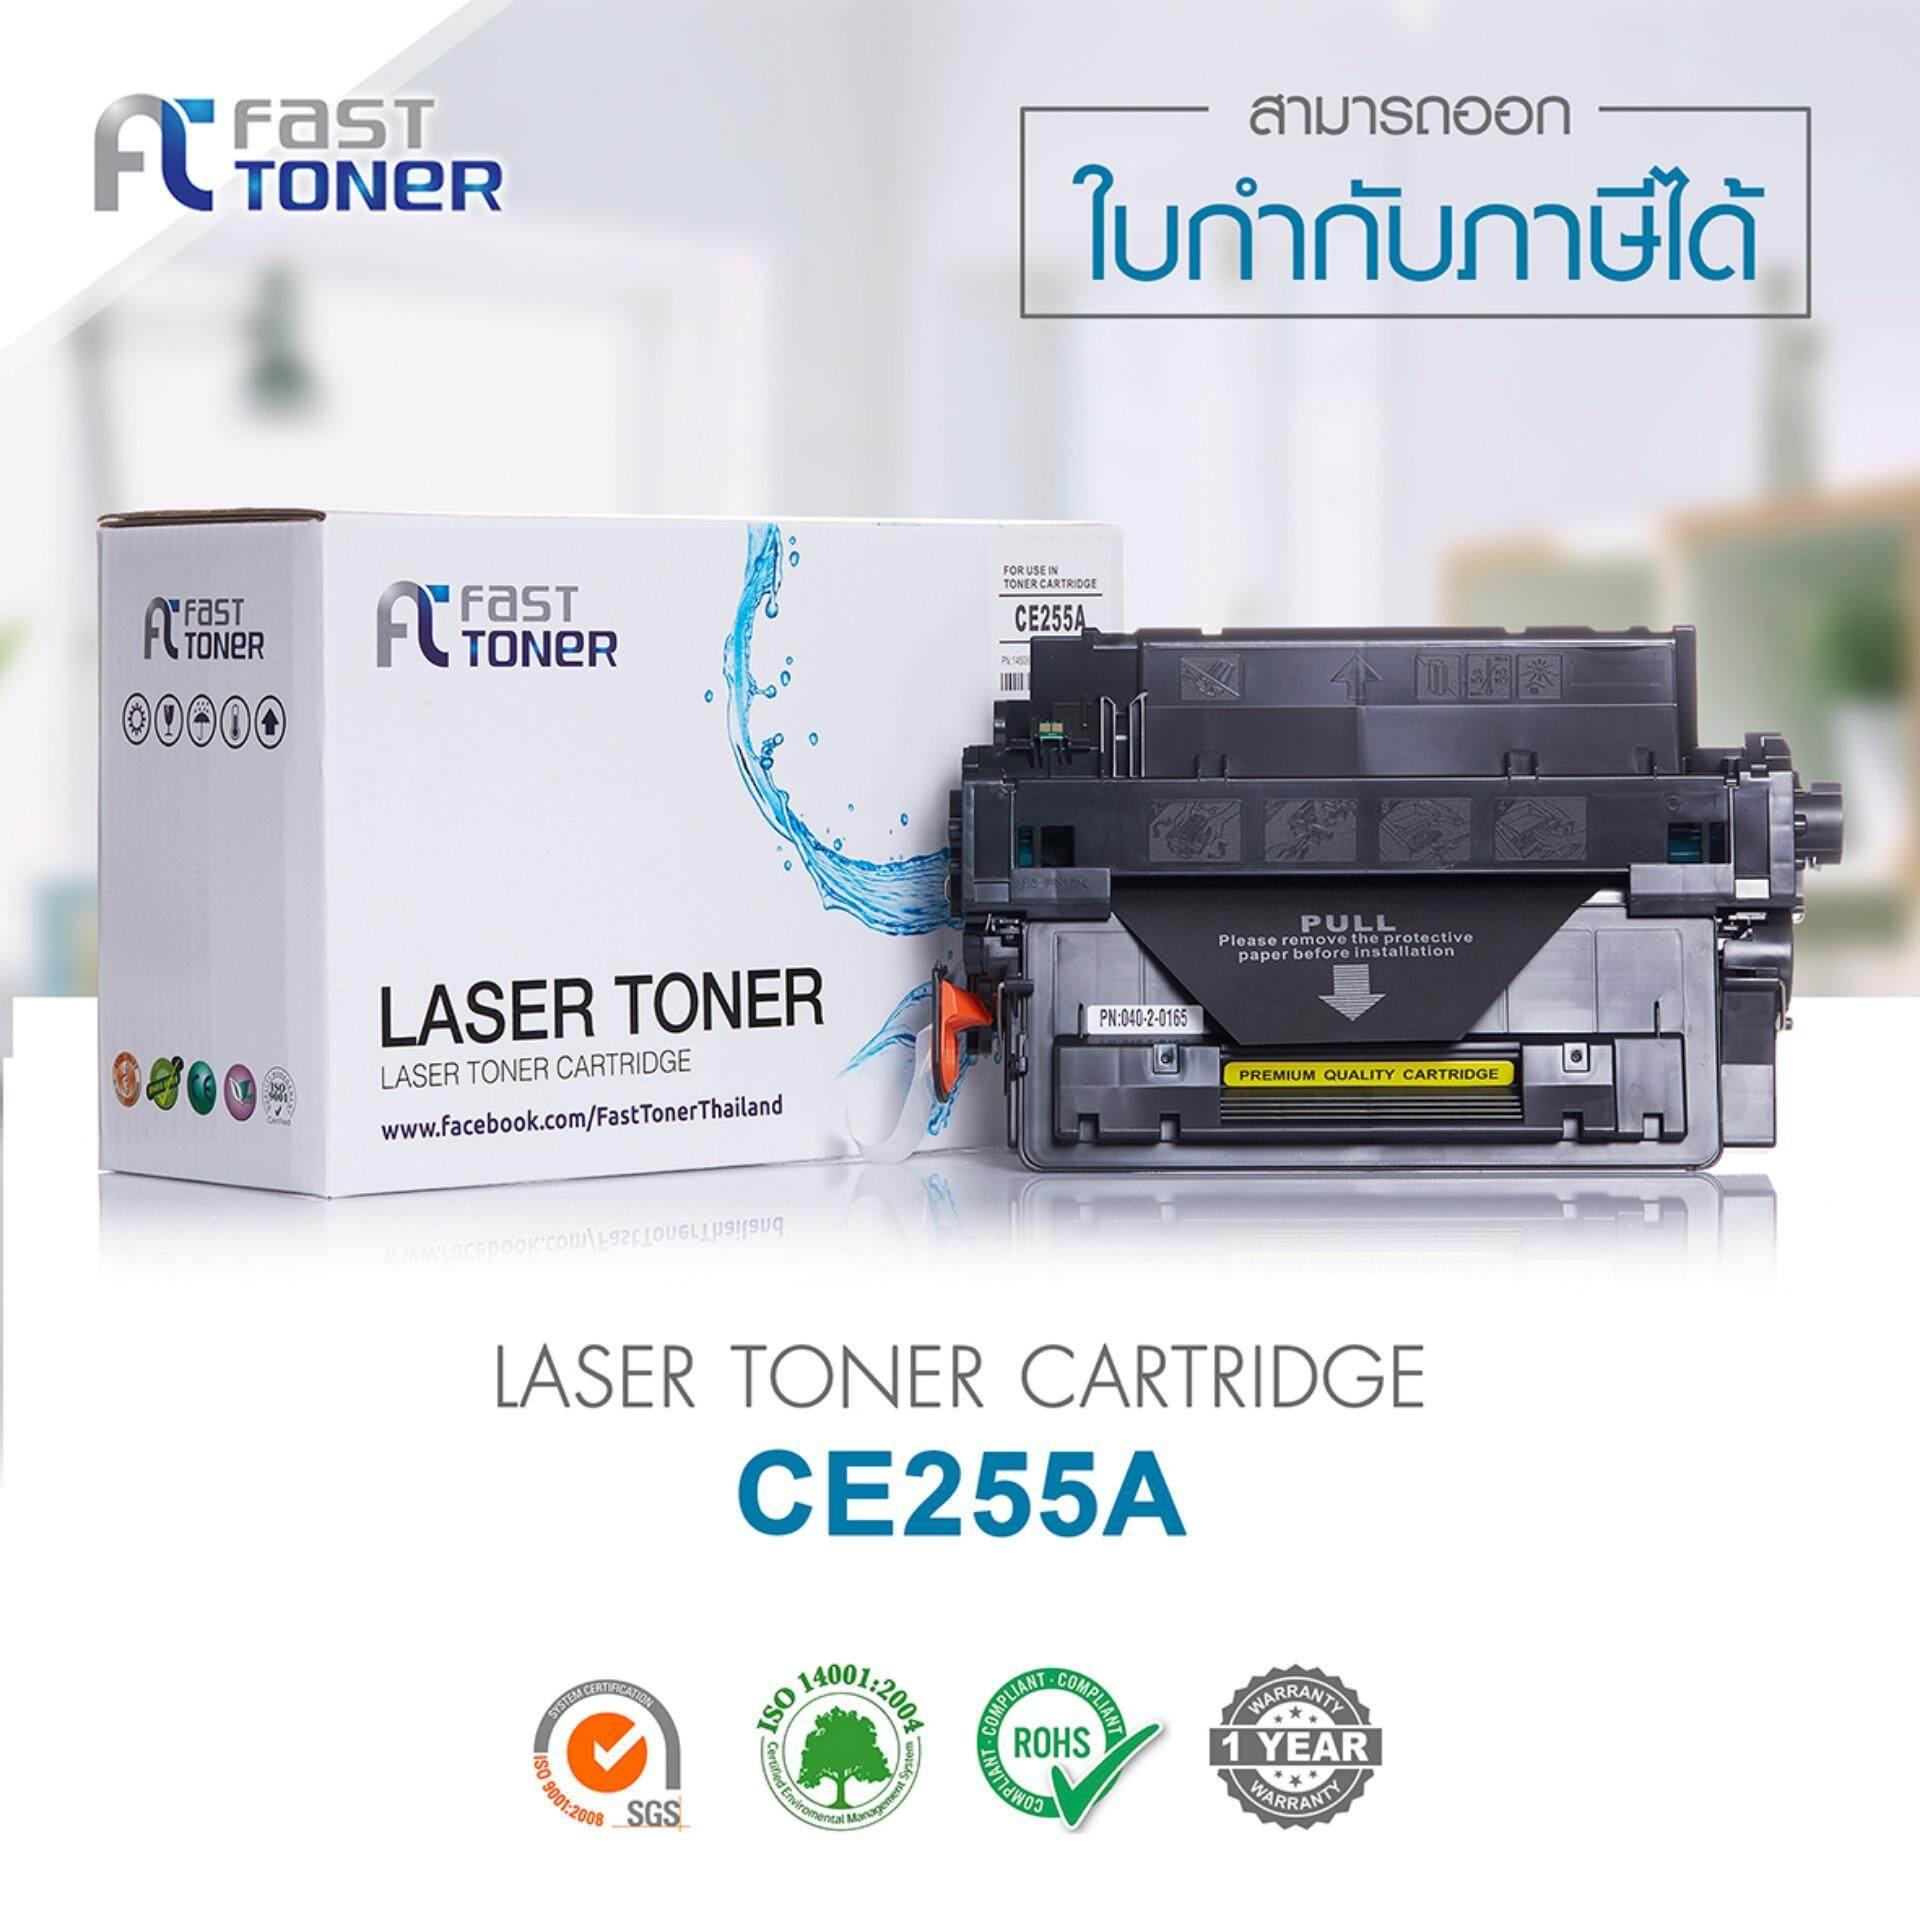 ราคา ราคาถูกที่สุด Fast Toner ตลับหมึกเลเซอร์ Hp Ce255A สำหรับเครื่องปริ้น Hp Laserjet P3010 P3015 P3015D P3015Dn P3015X 55A สีดำ